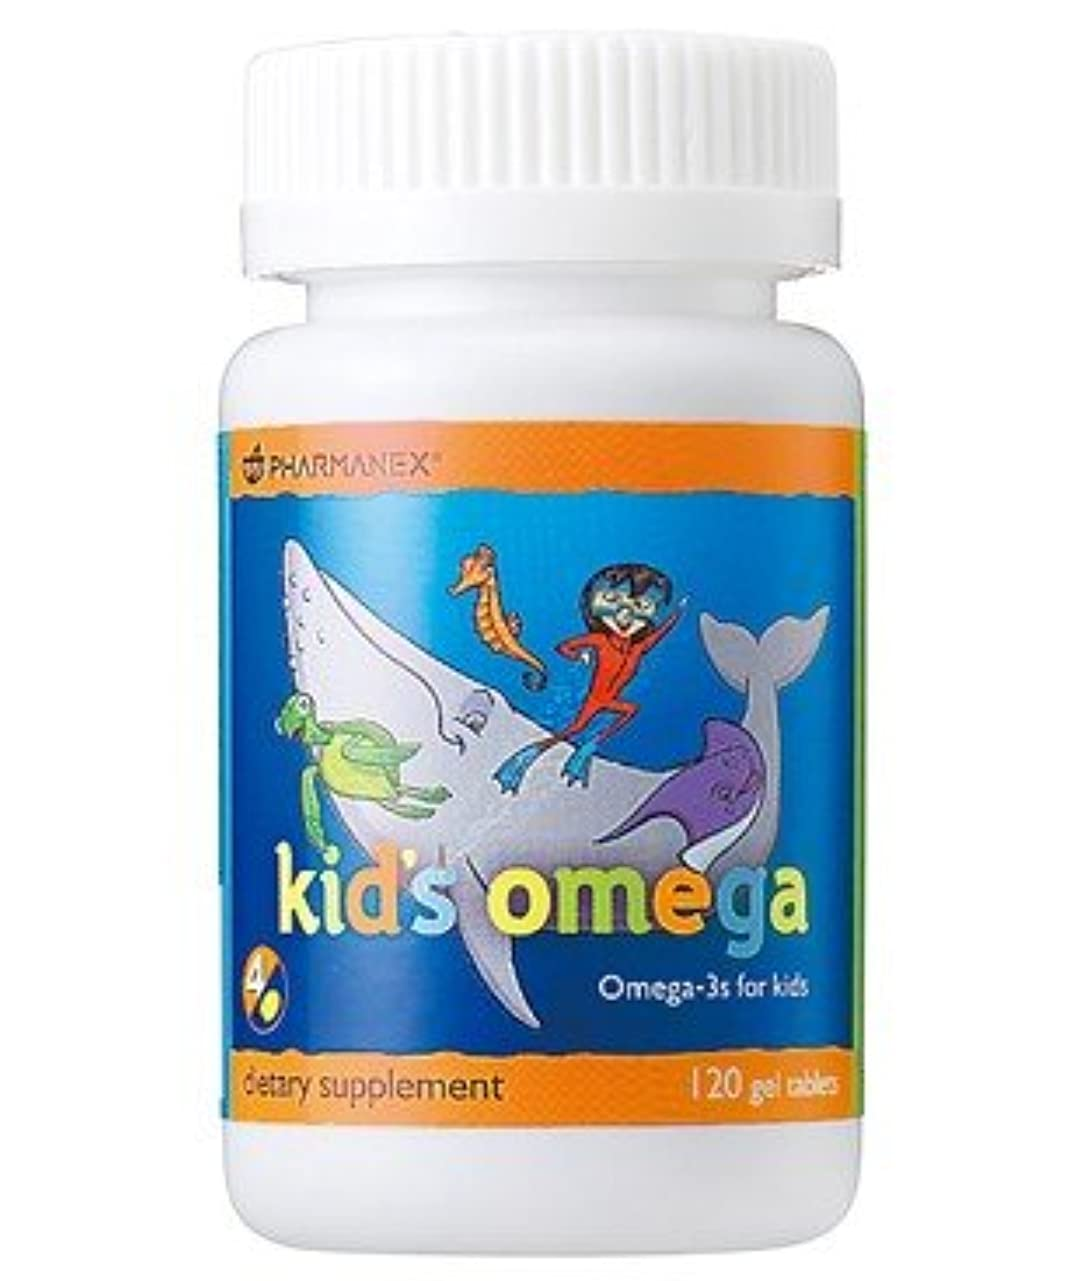 後者一目言語学子供用オメガ3系脂肪酸 キッズオメガ NUSKIN ニュースキン